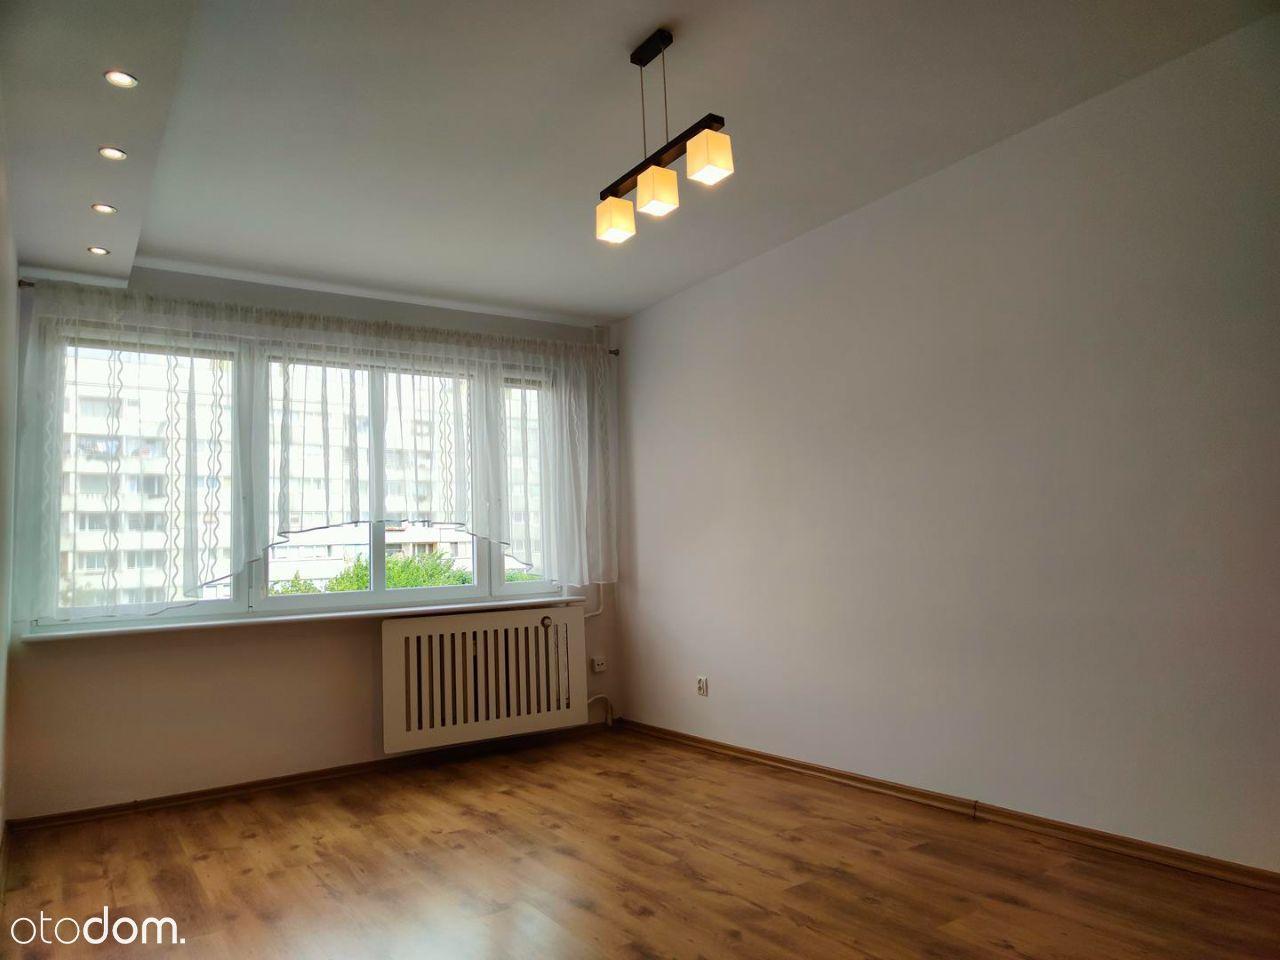 Sprzedam mieszkanie 3 pokojowe na Os.Kaliny